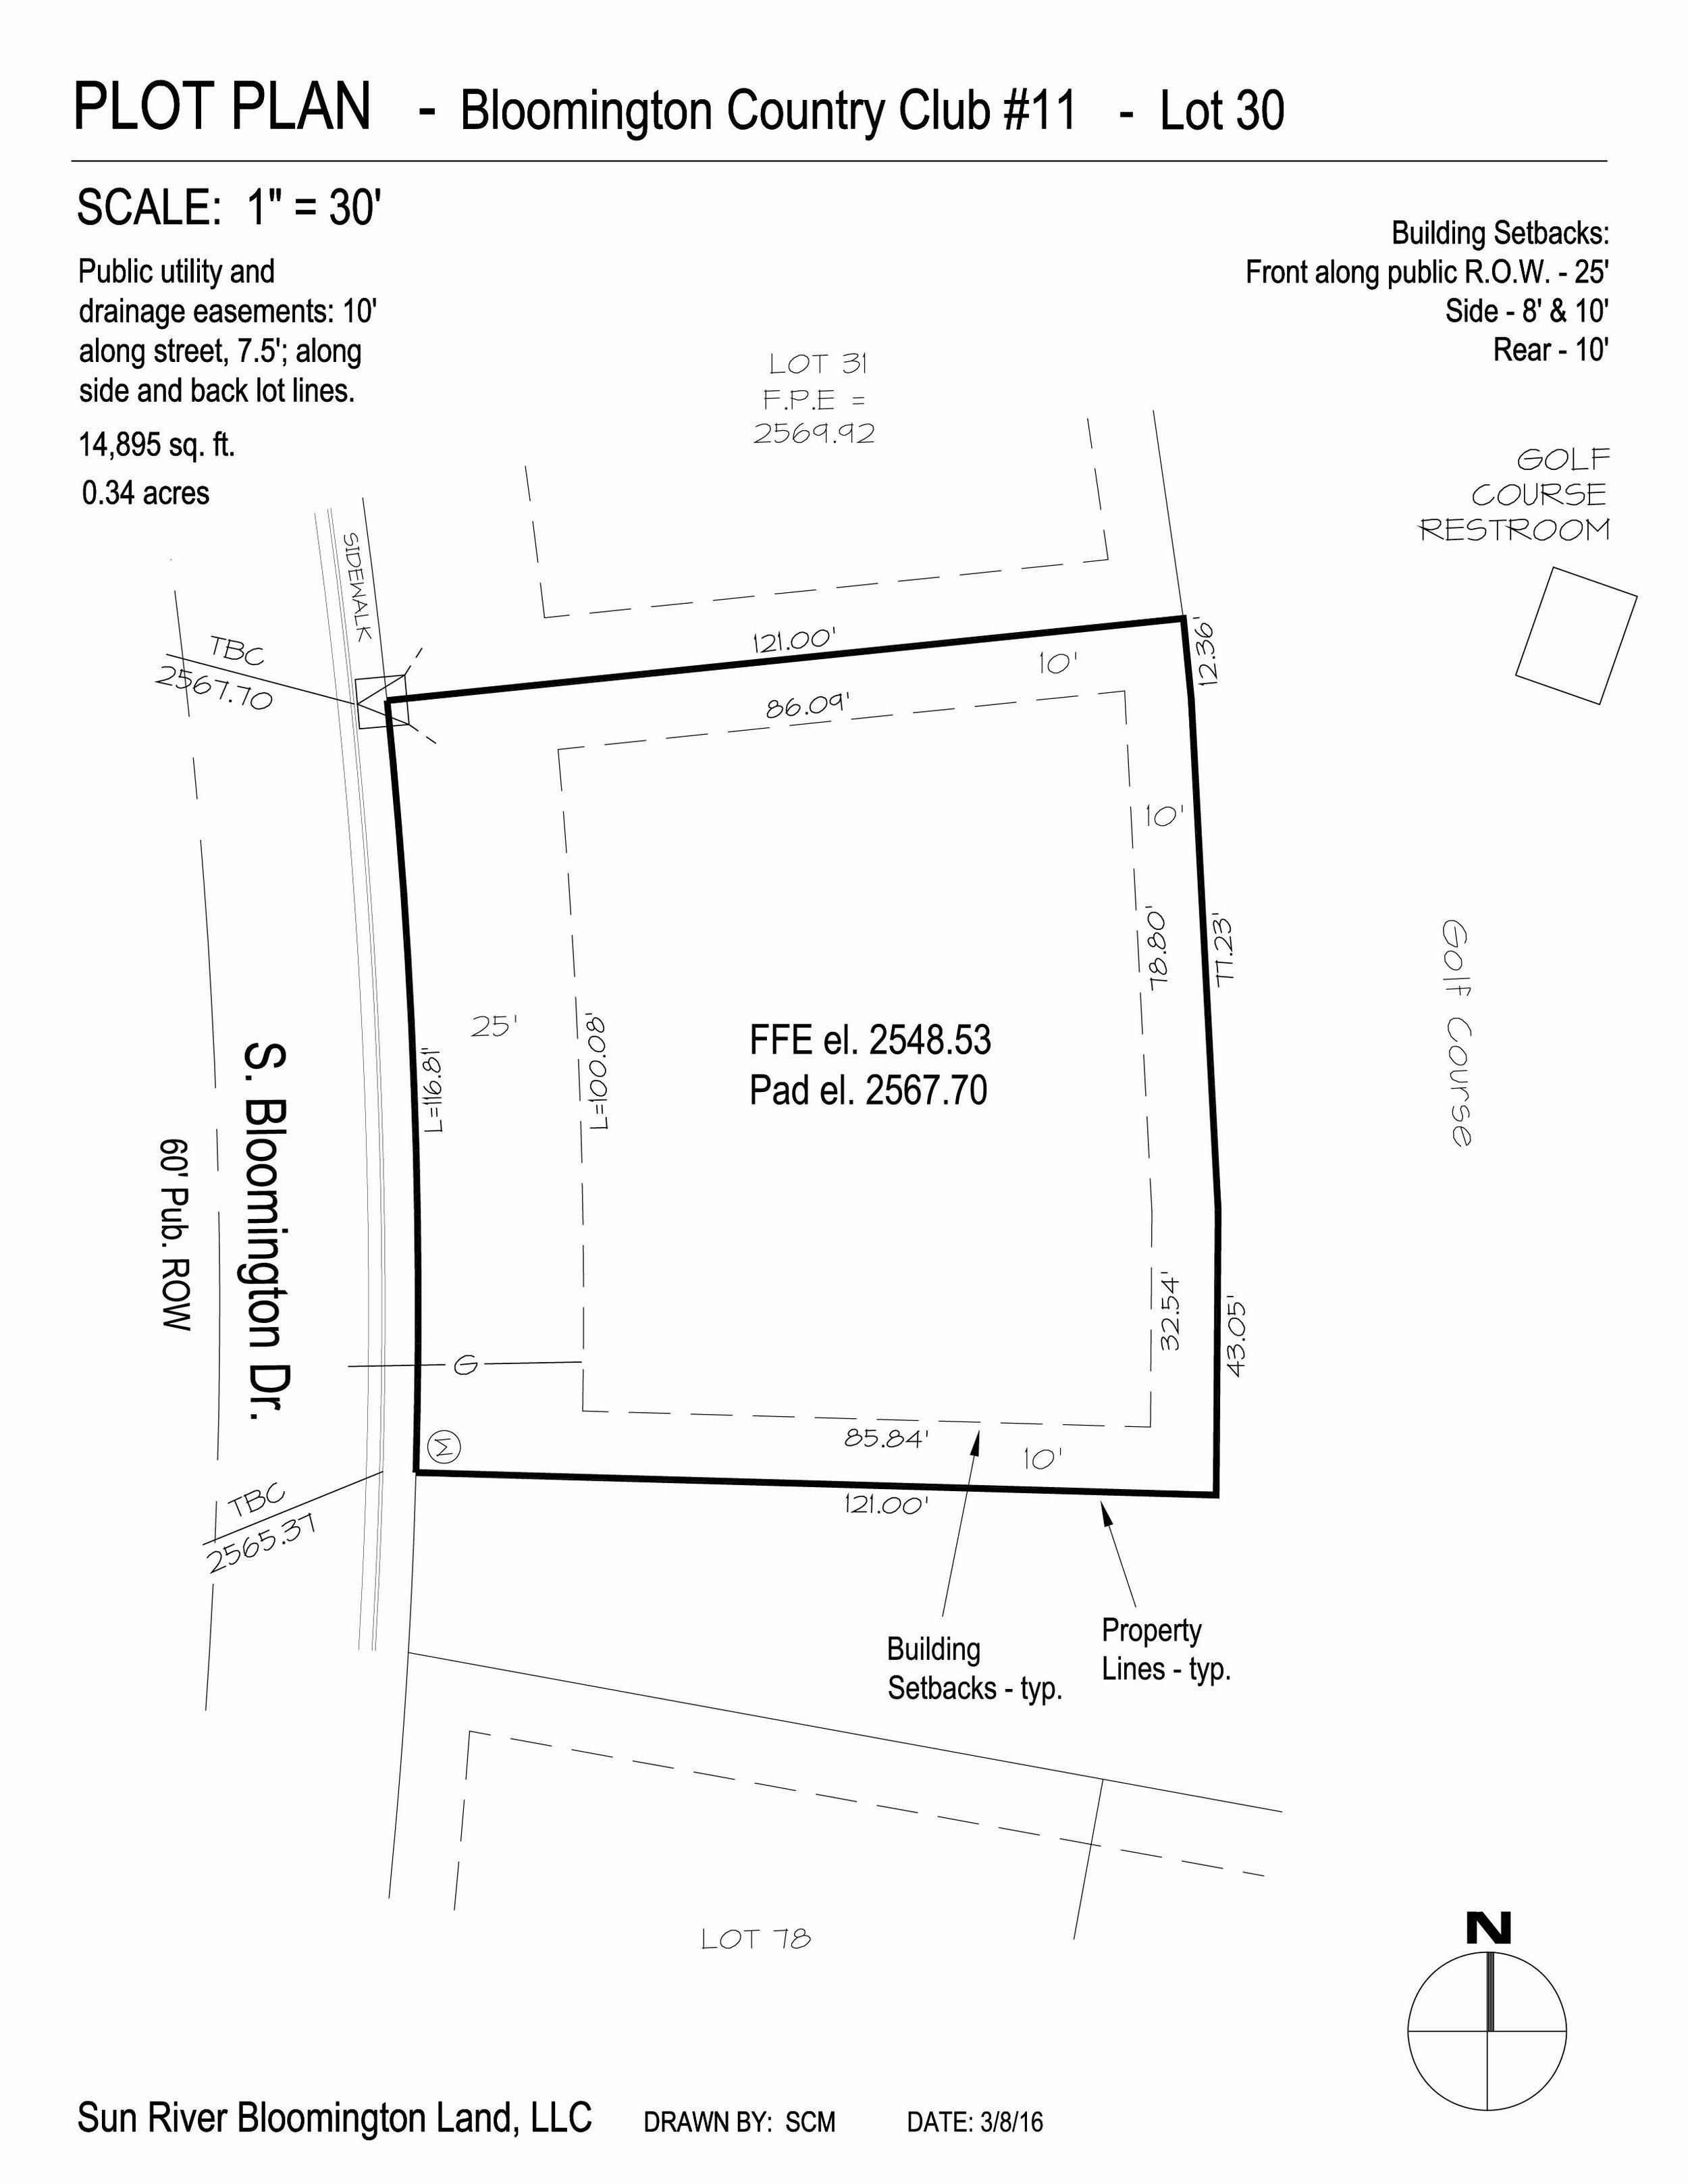 hamblin plot plans-23.jpg